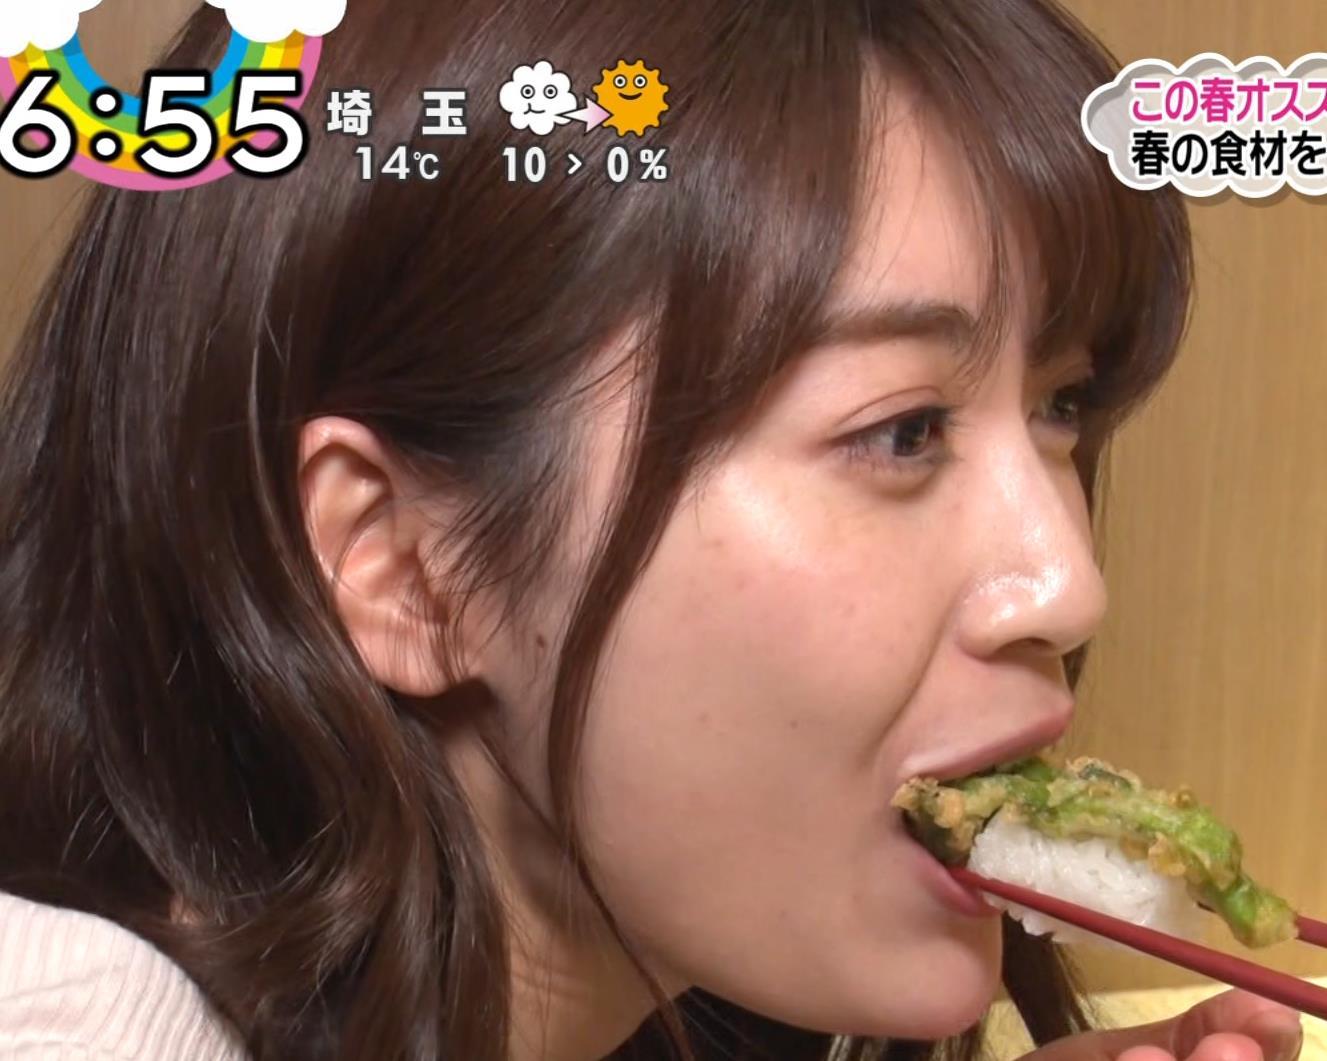 榊原美紅 モデルのニット乳と疑似フェラキャプ・エロ画像9